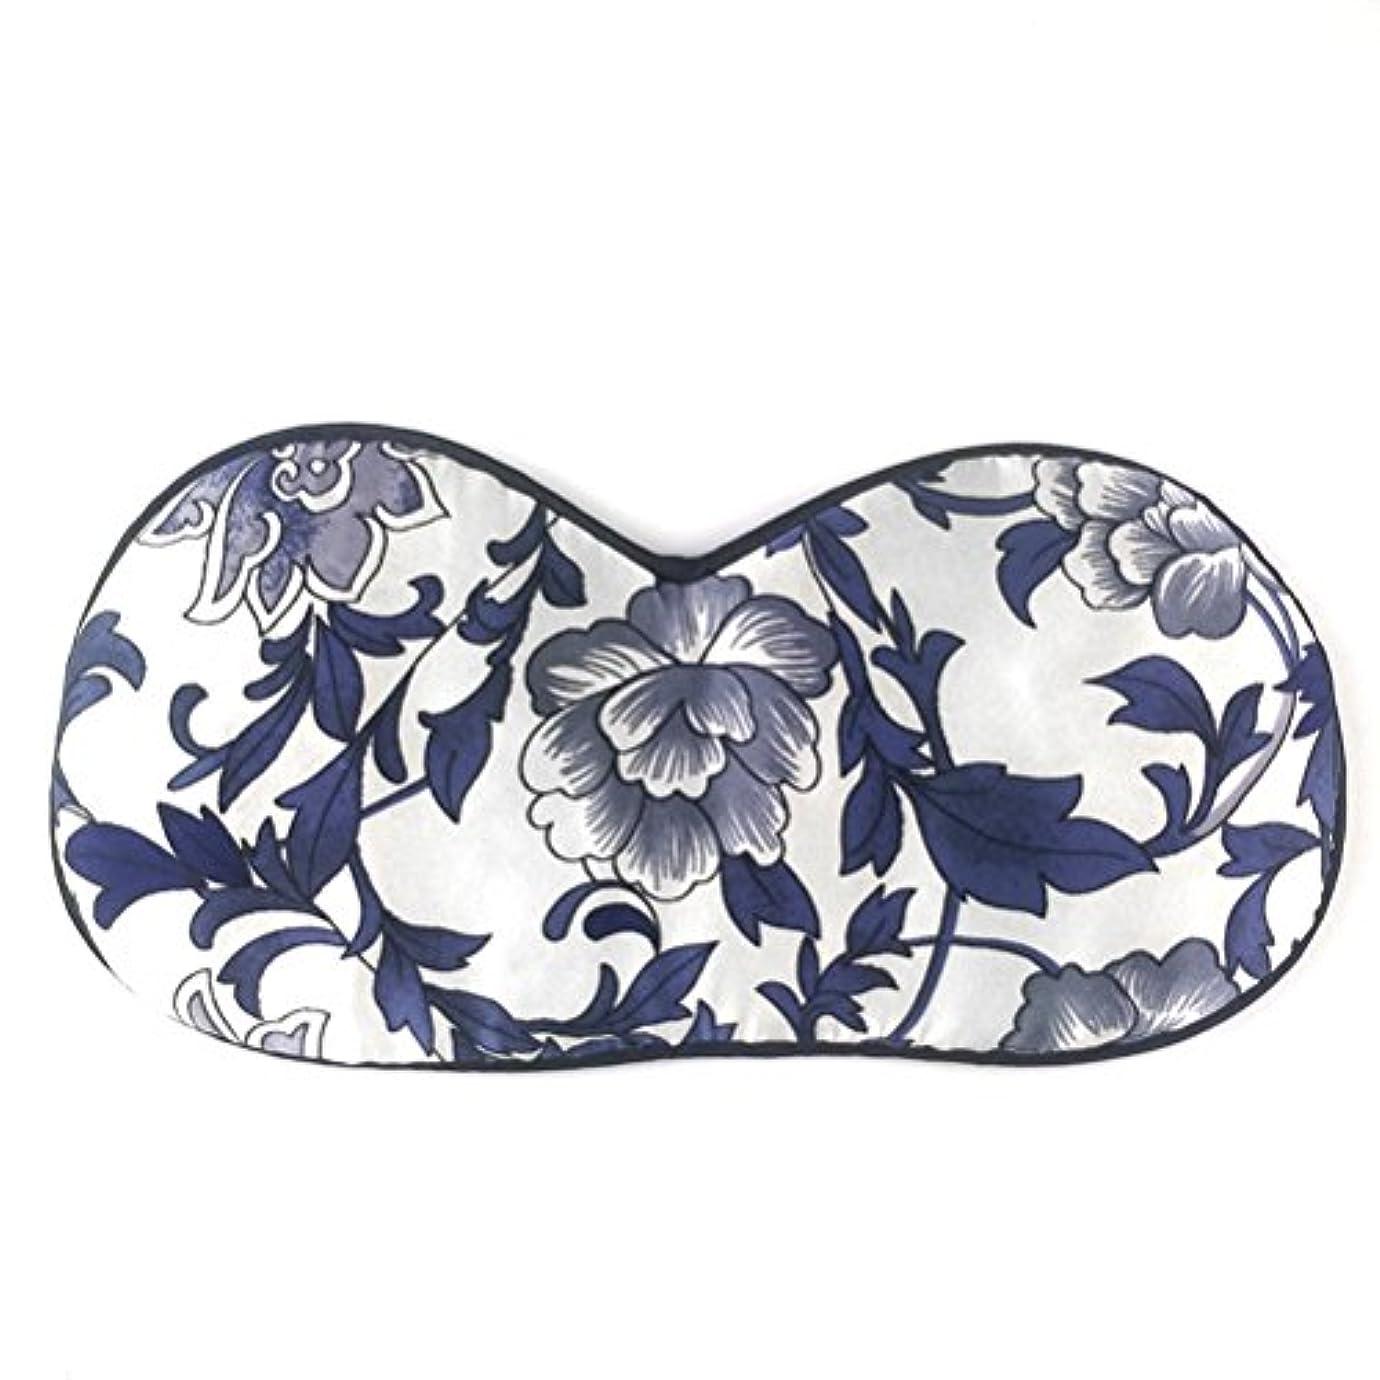 避難トランジスタ失礼ULTNICE シルク睡眠の目のマスク目隠しのアイシャドウ女性のための睡眠の昼寝の瞑想(青と白の磁器)